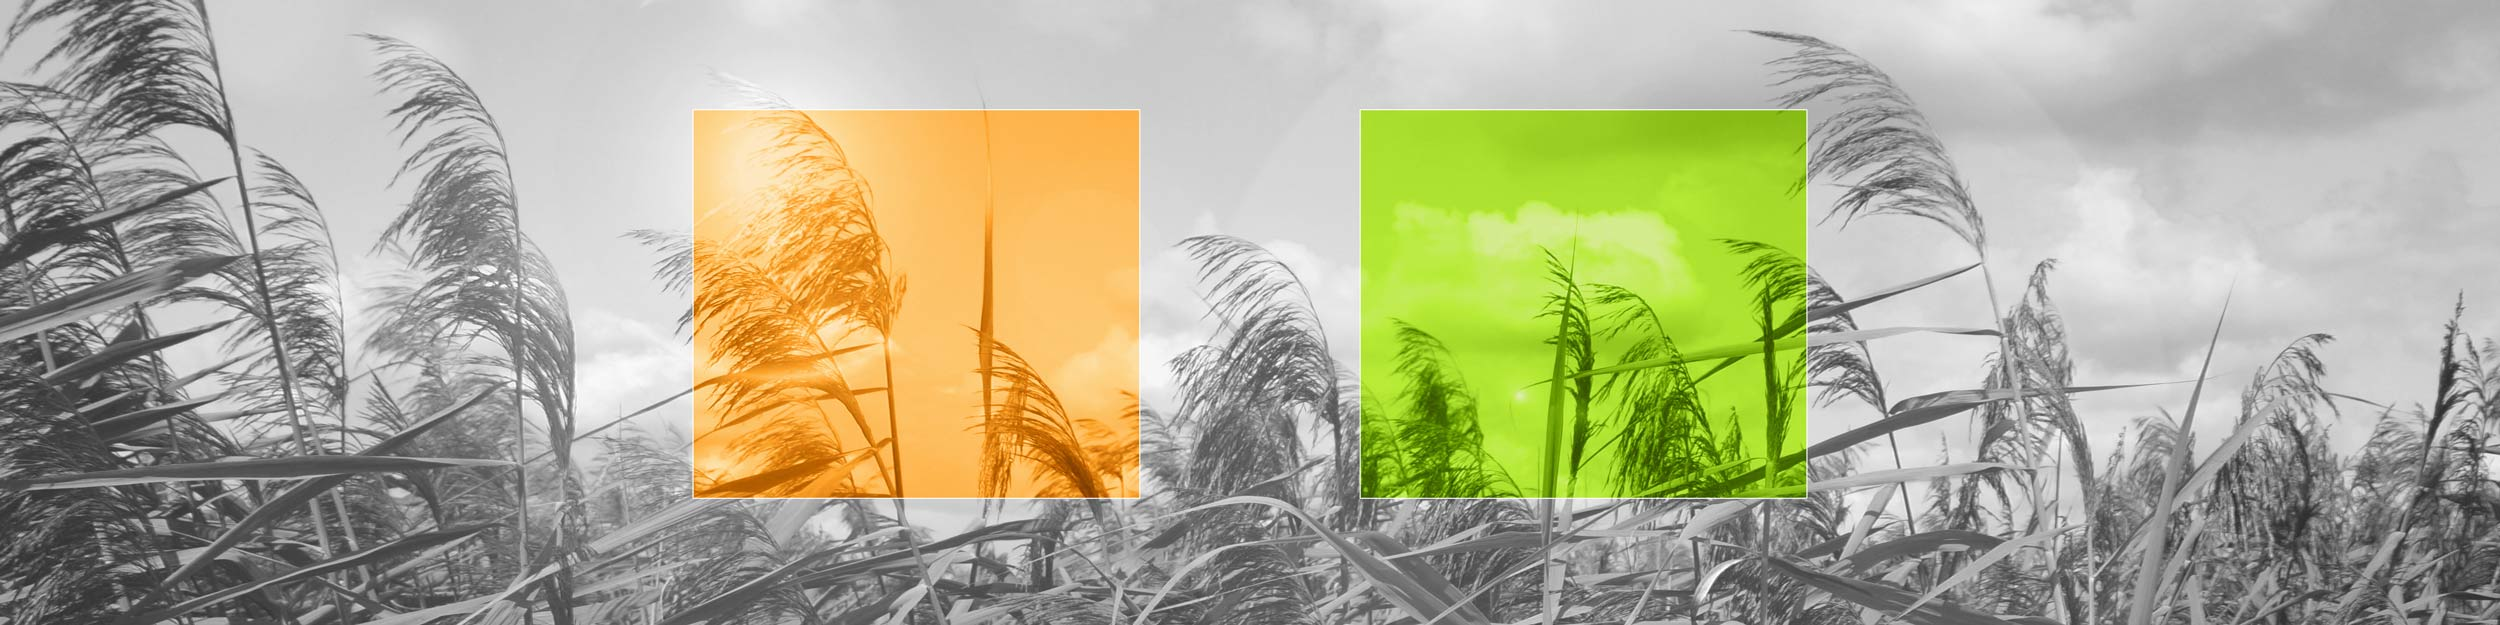 Energiecoöperatie De Wieden-Weerribben